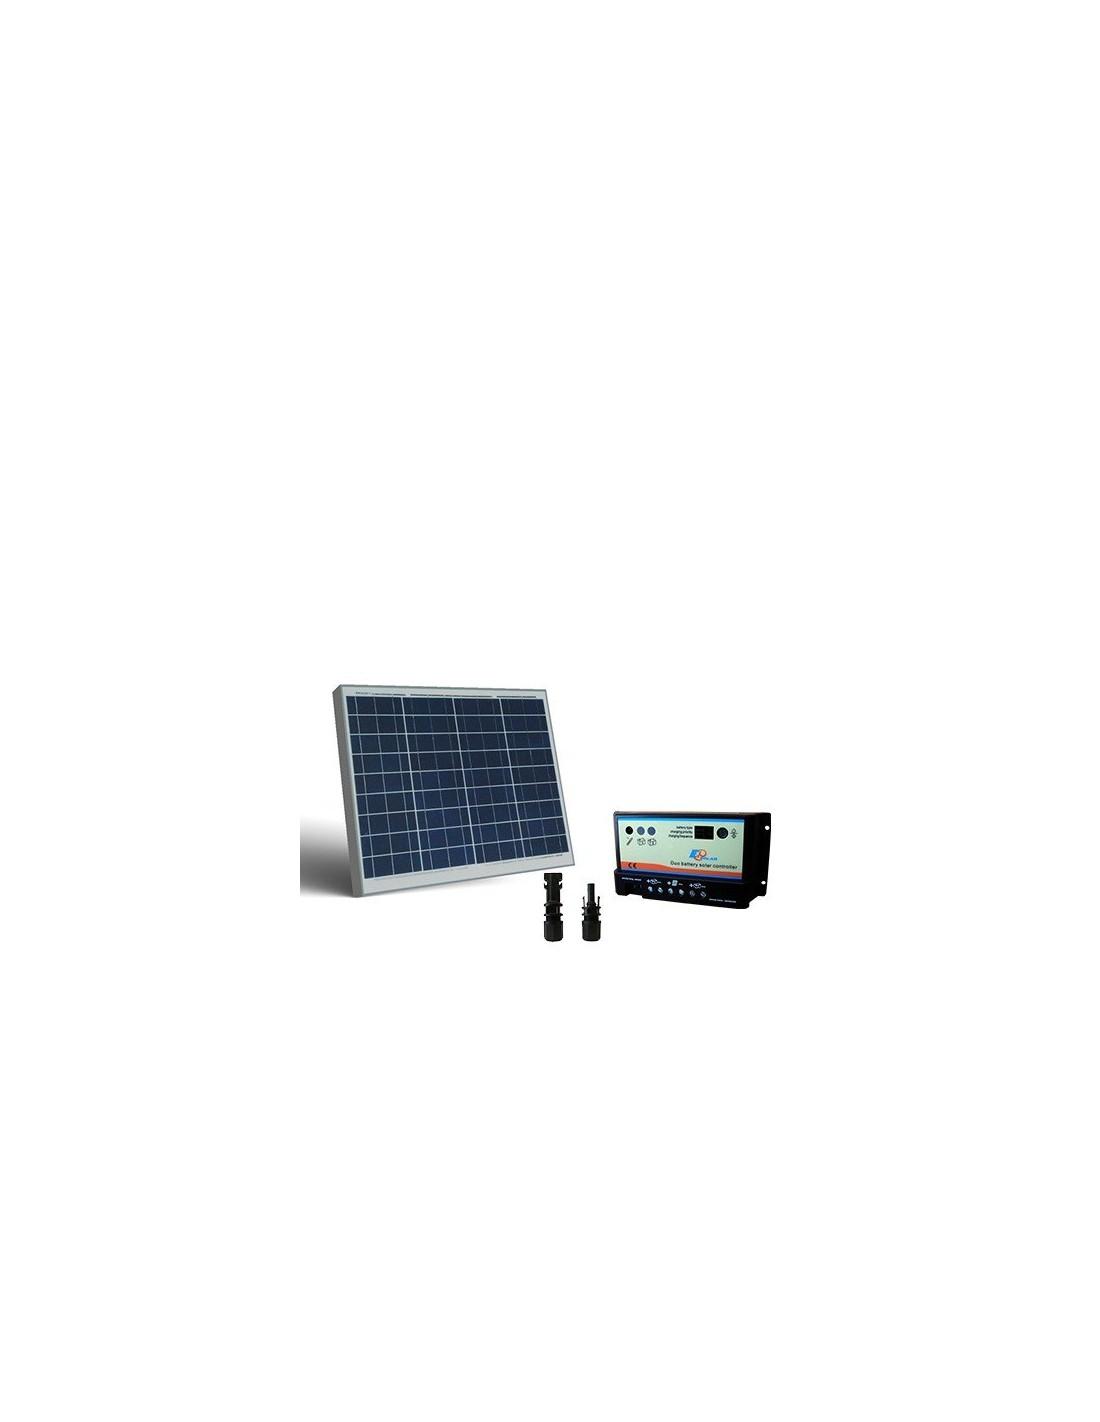 Kit Pannello Solare 50 Watt : Kit solare camper w v light pannello fotovoltaico